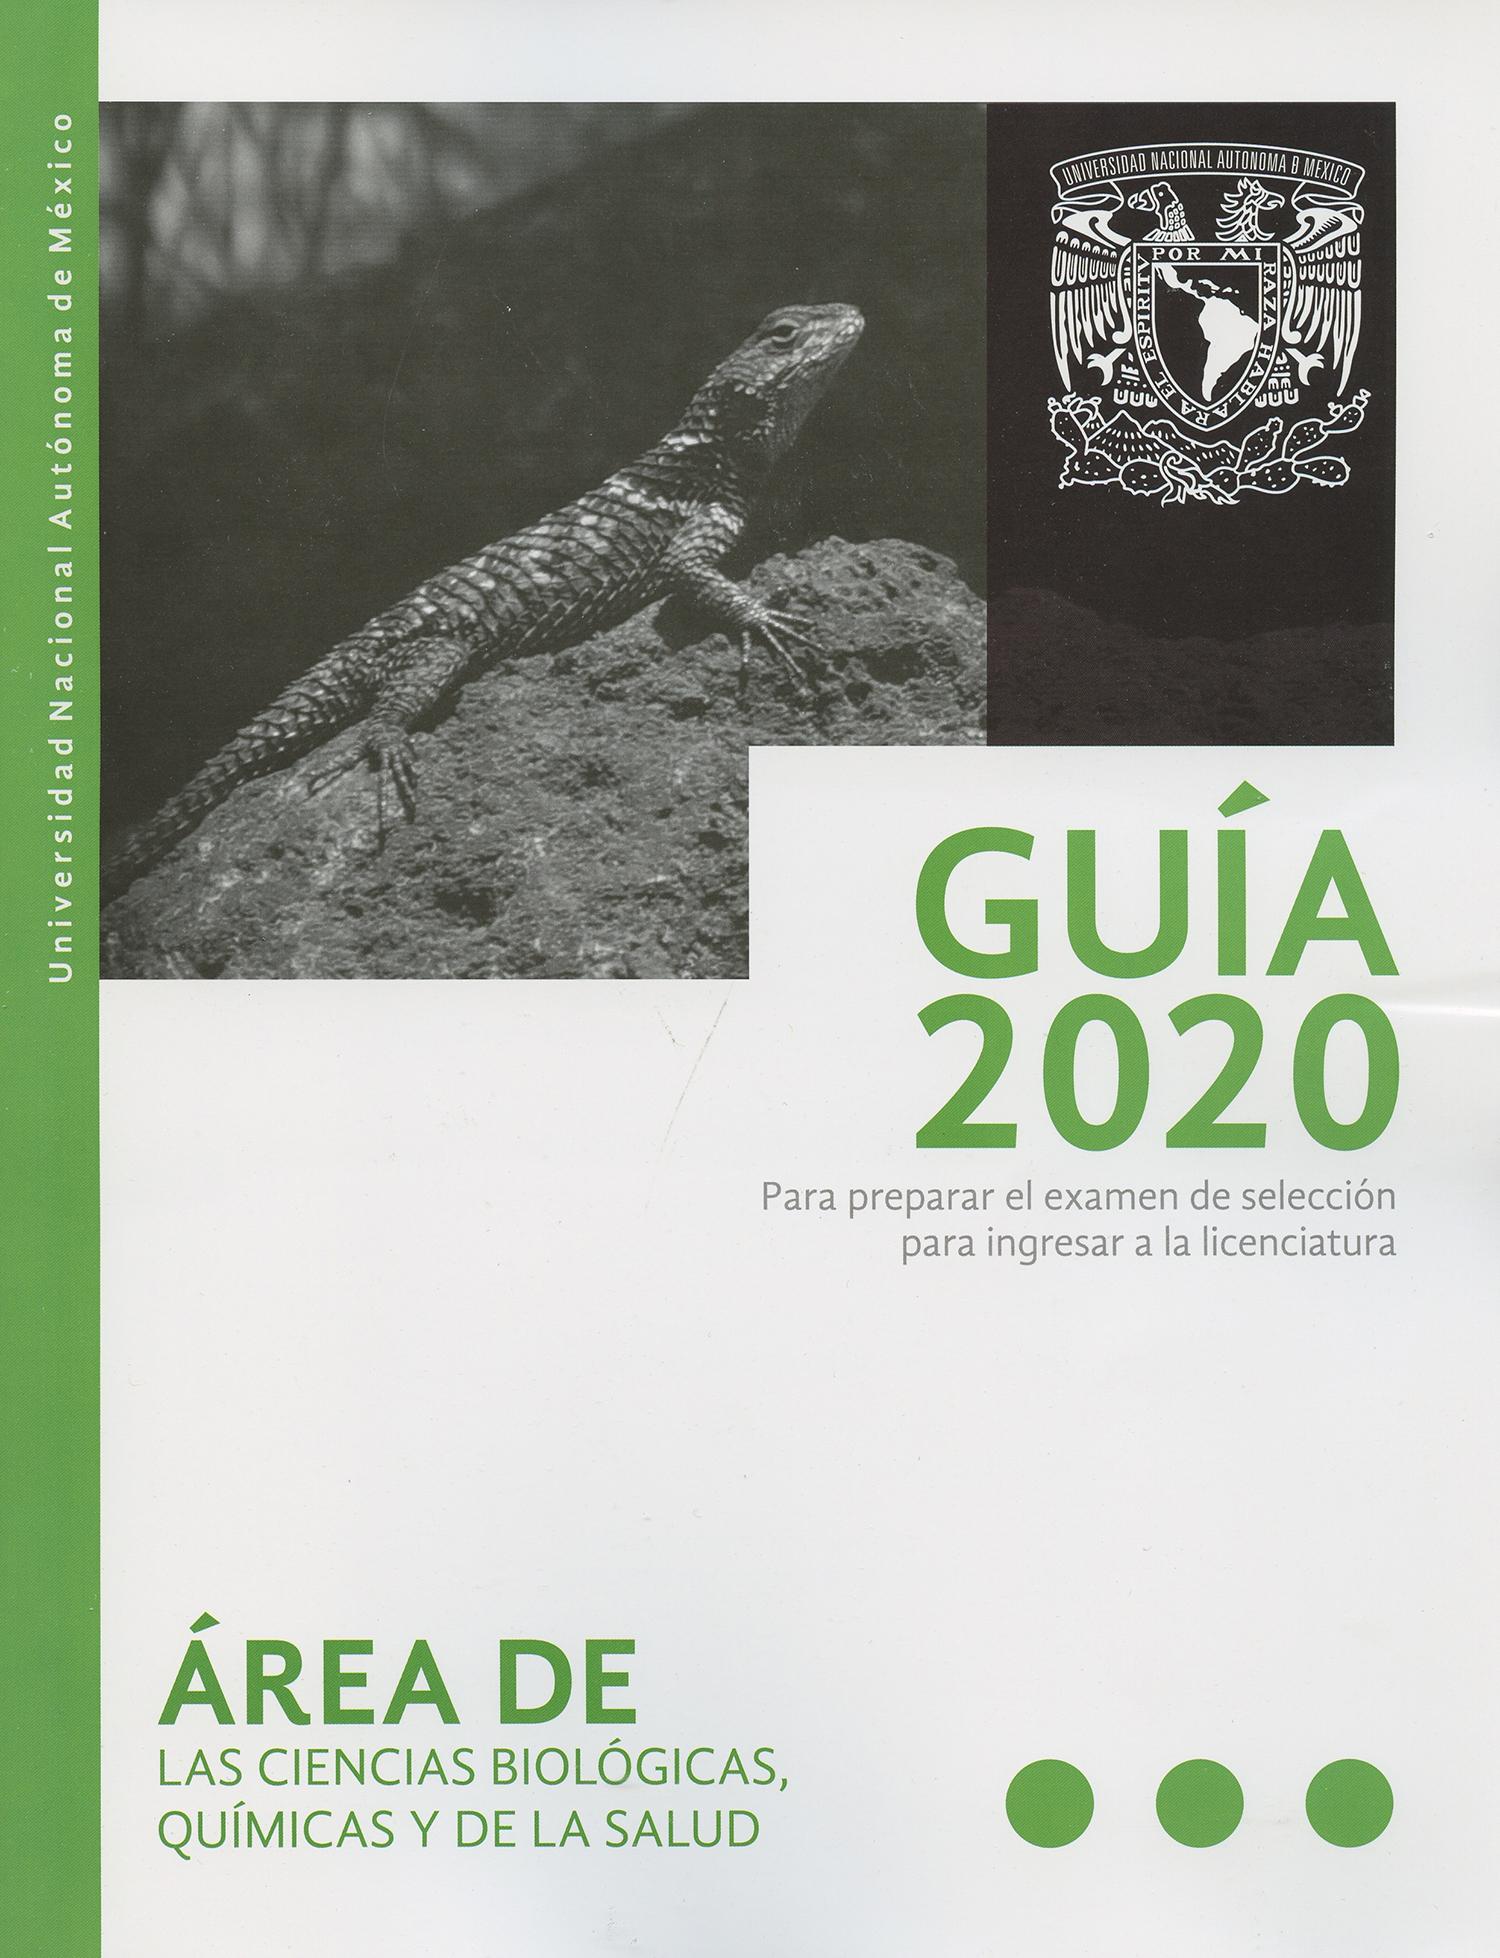 Guía 2020 para preparar el examen de selección de la licenciatura en ciencias biológicas, químicas y de la salud